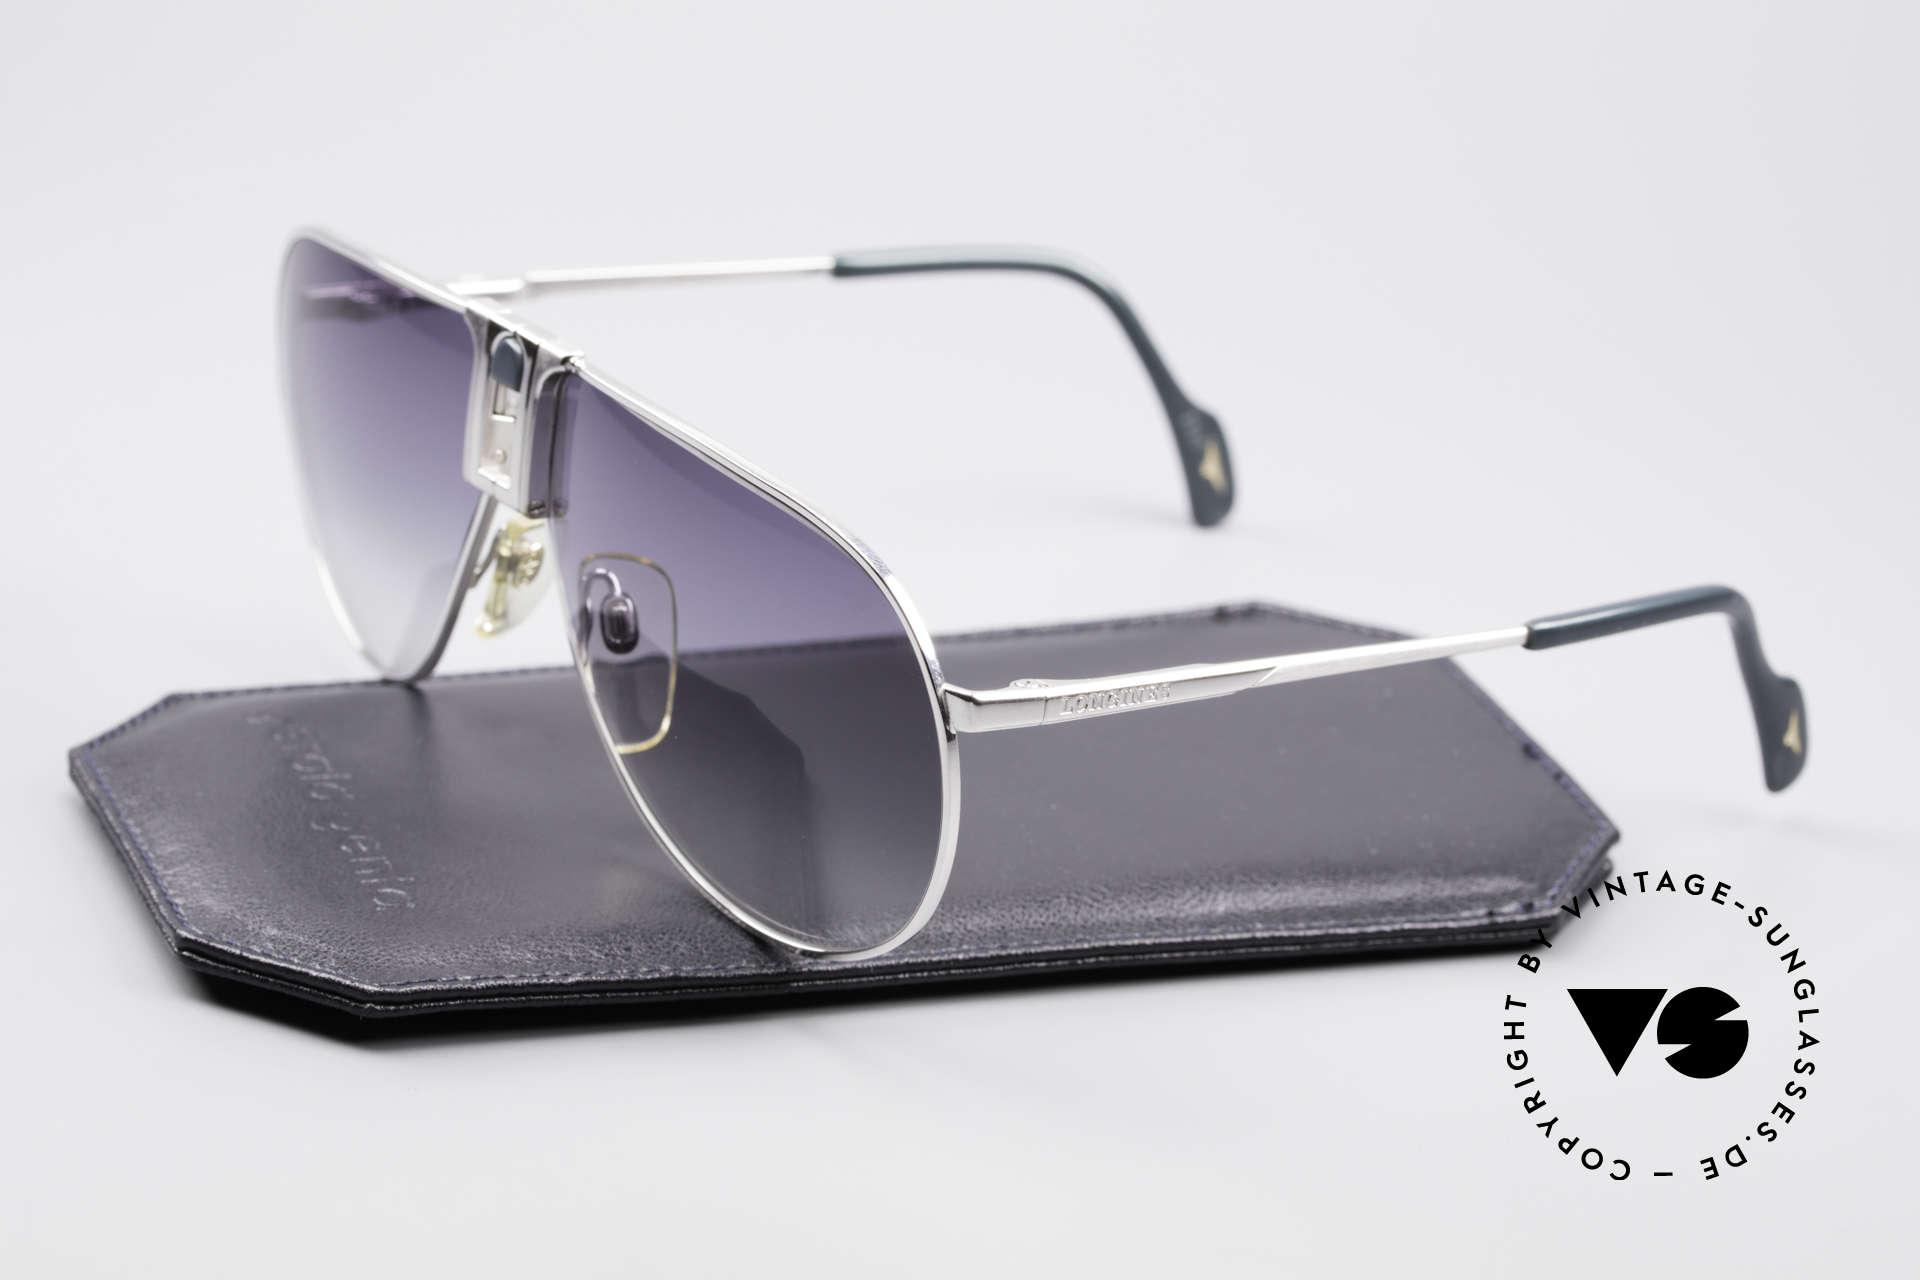 Longines 0154 Large 80er Aviator Sonnenbrille, KEINE RETROMODE, sondern ein 1980er ORIGINAL, Passend für Herren